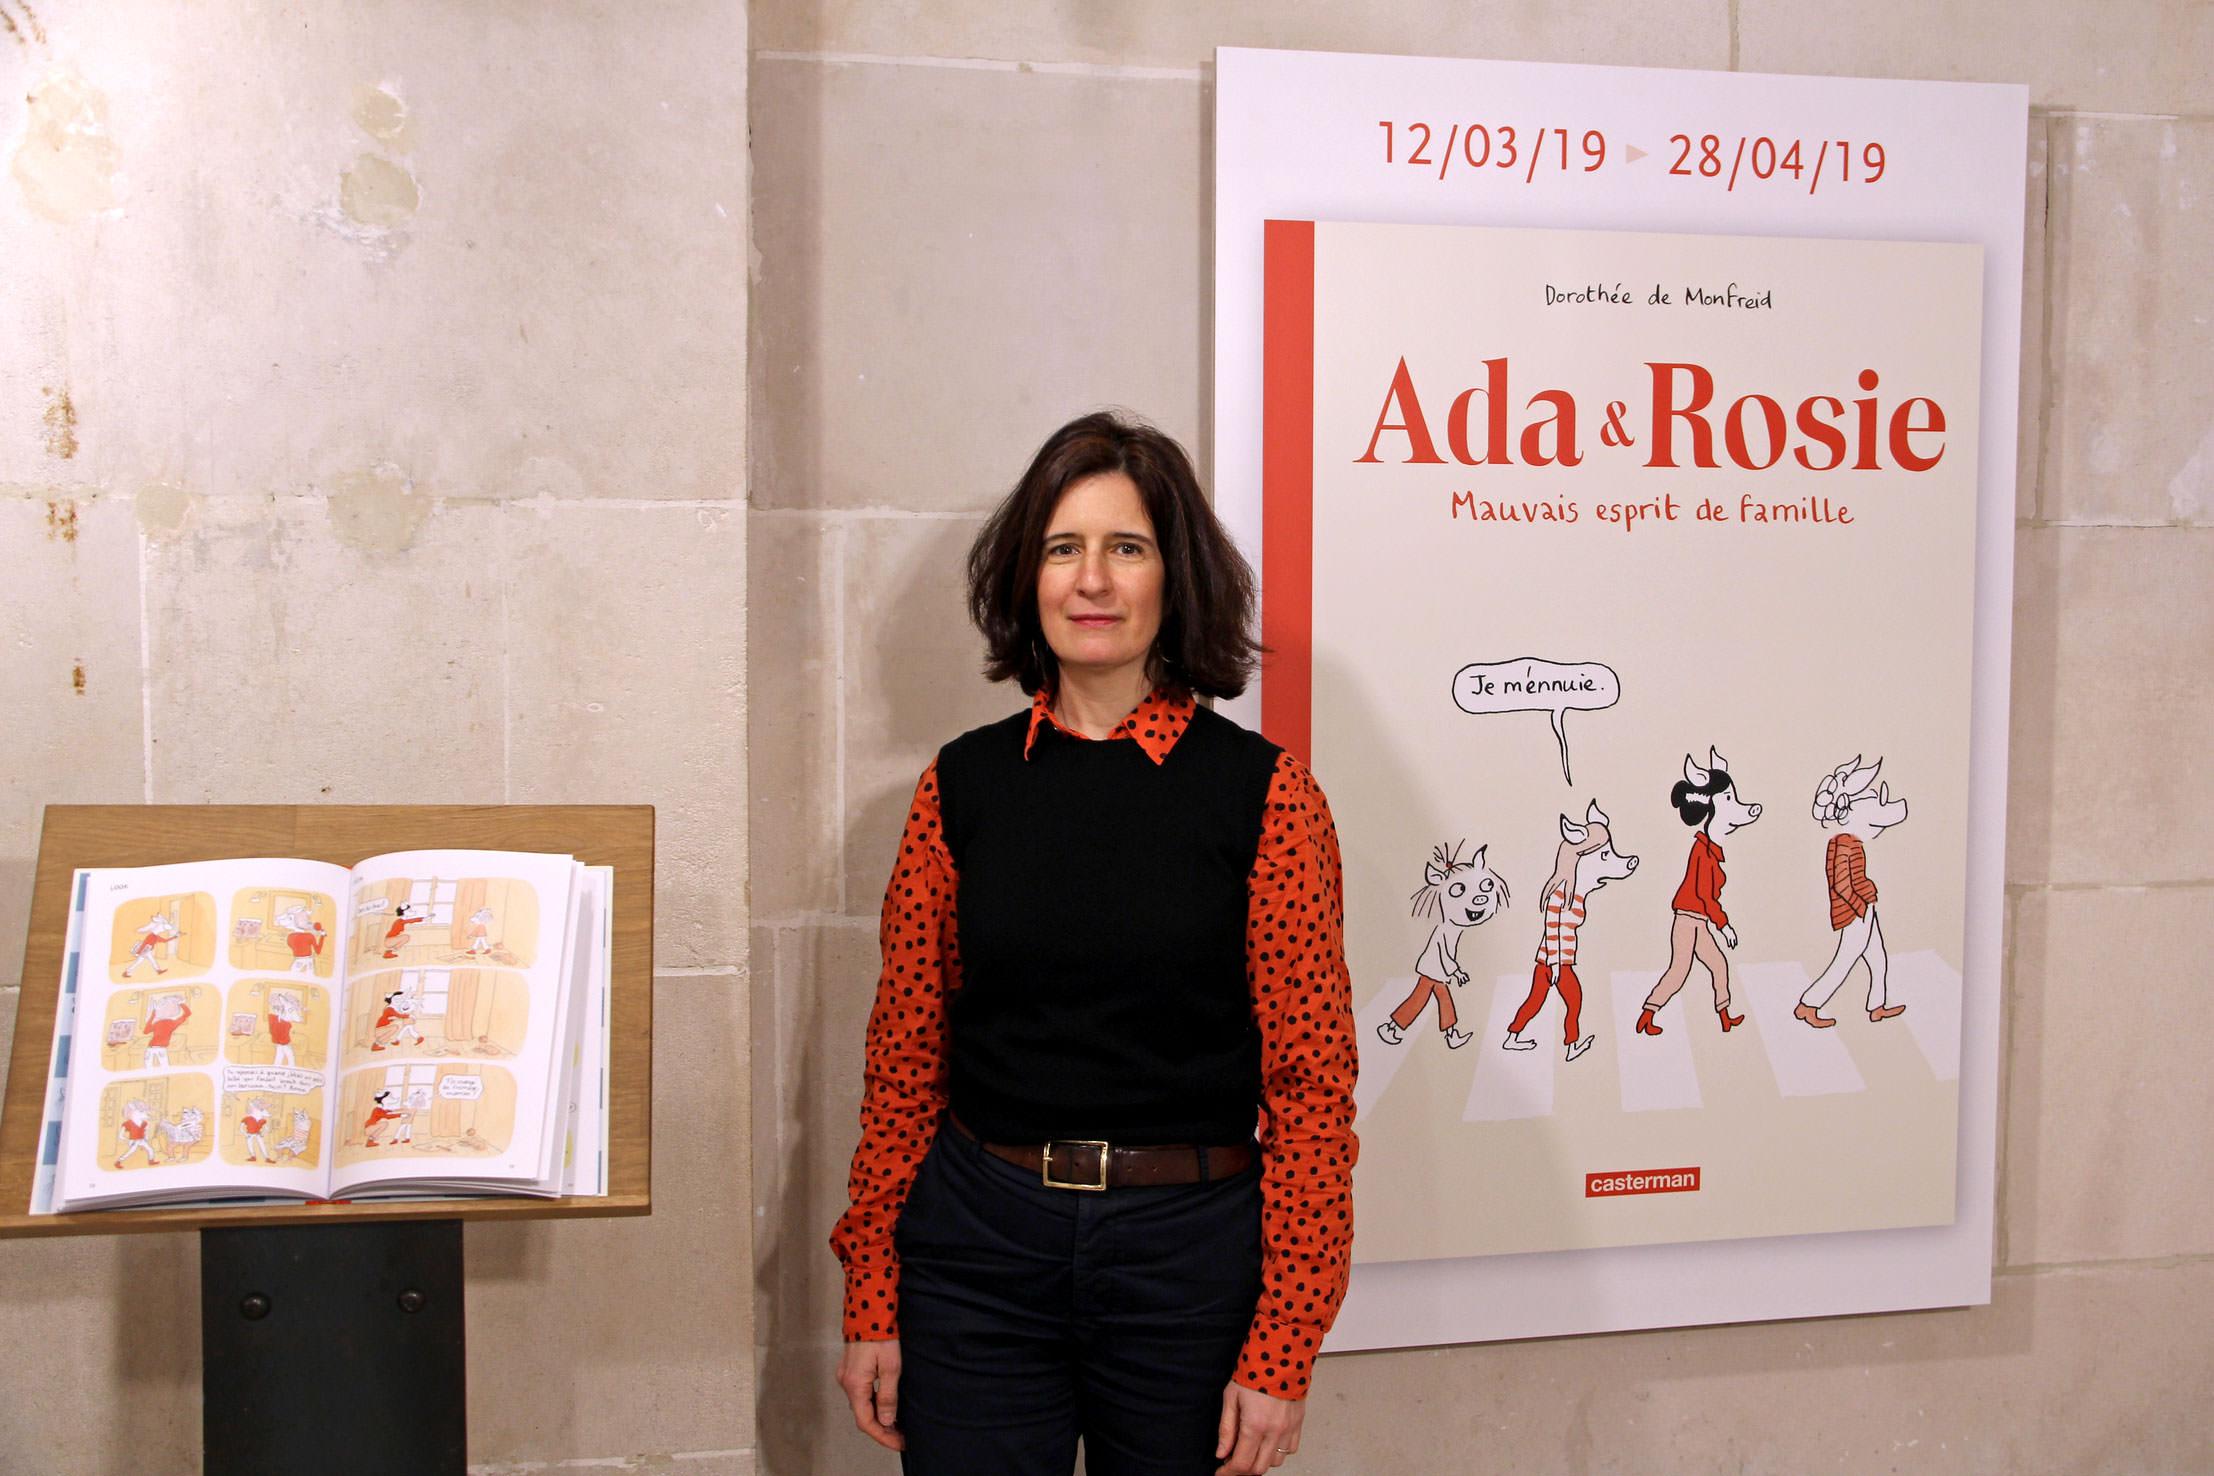 Expo-Ada-et-Rosie-au-musee-belge-bande-dessinee-2019_1